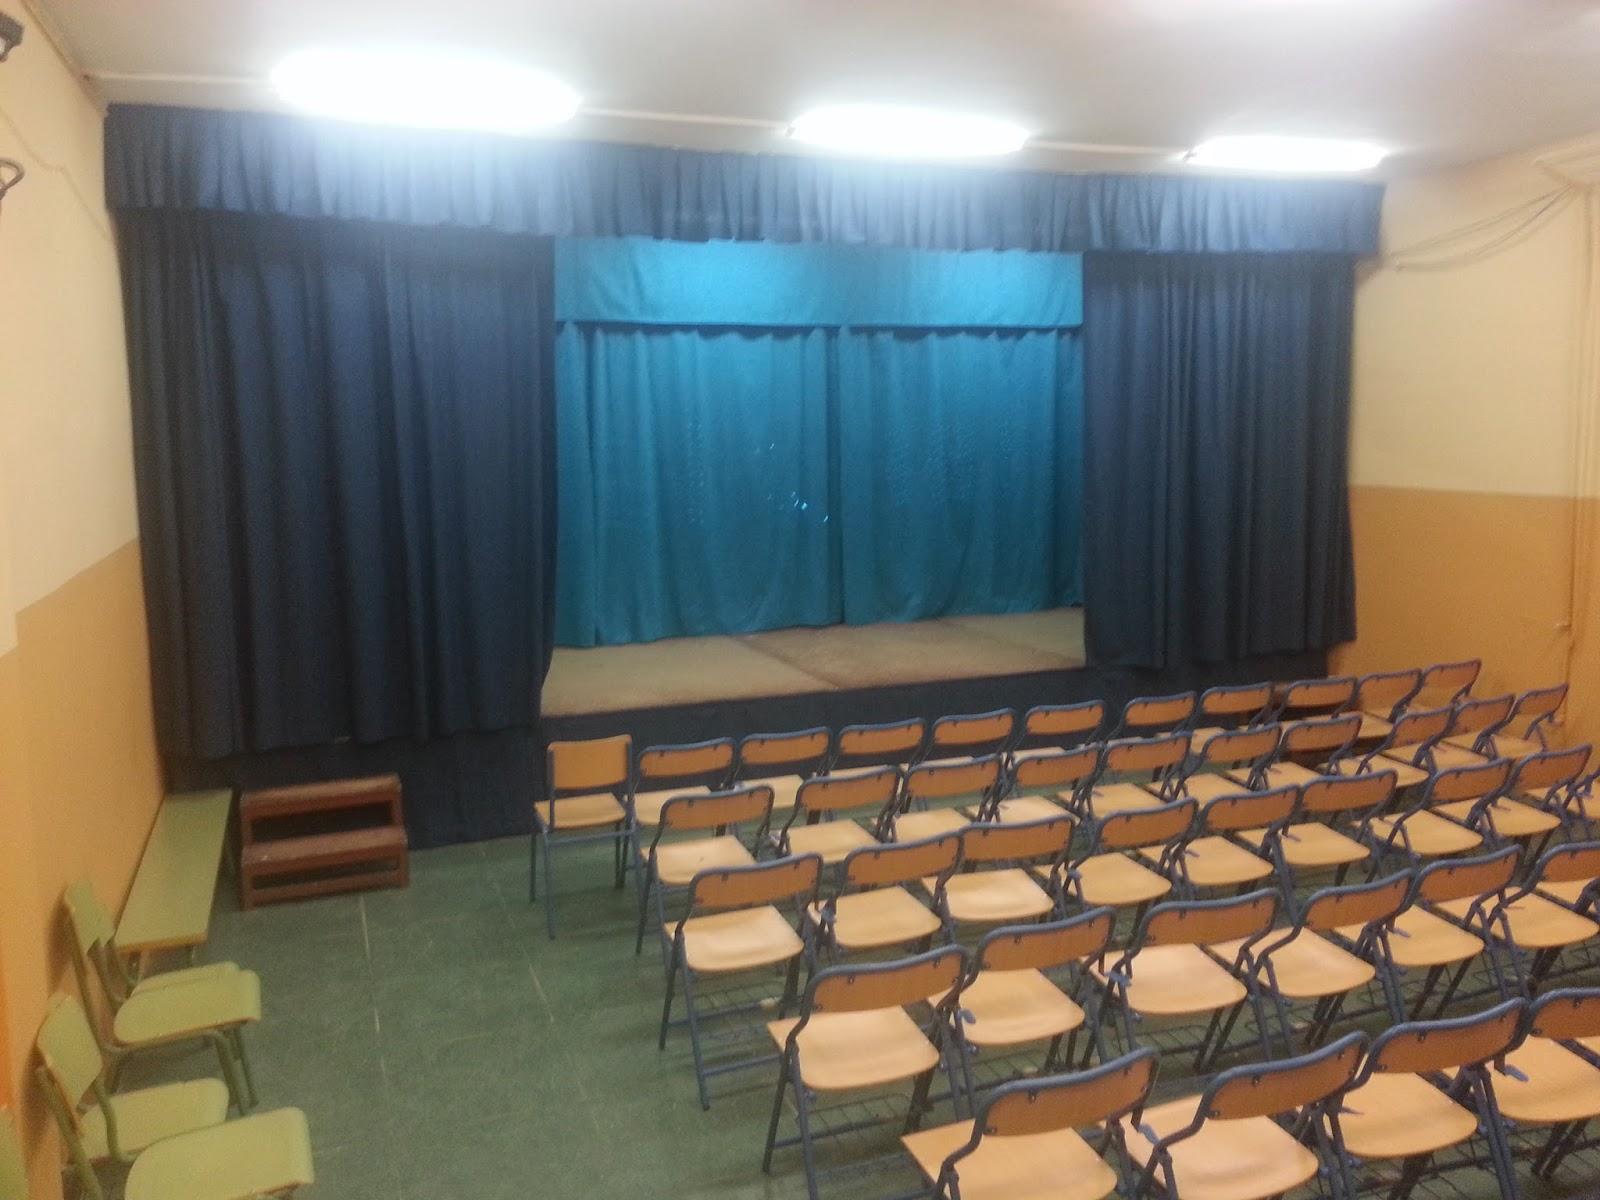 Colegio emilio prados nueva cortinas para el sum for Cortinas para aulas